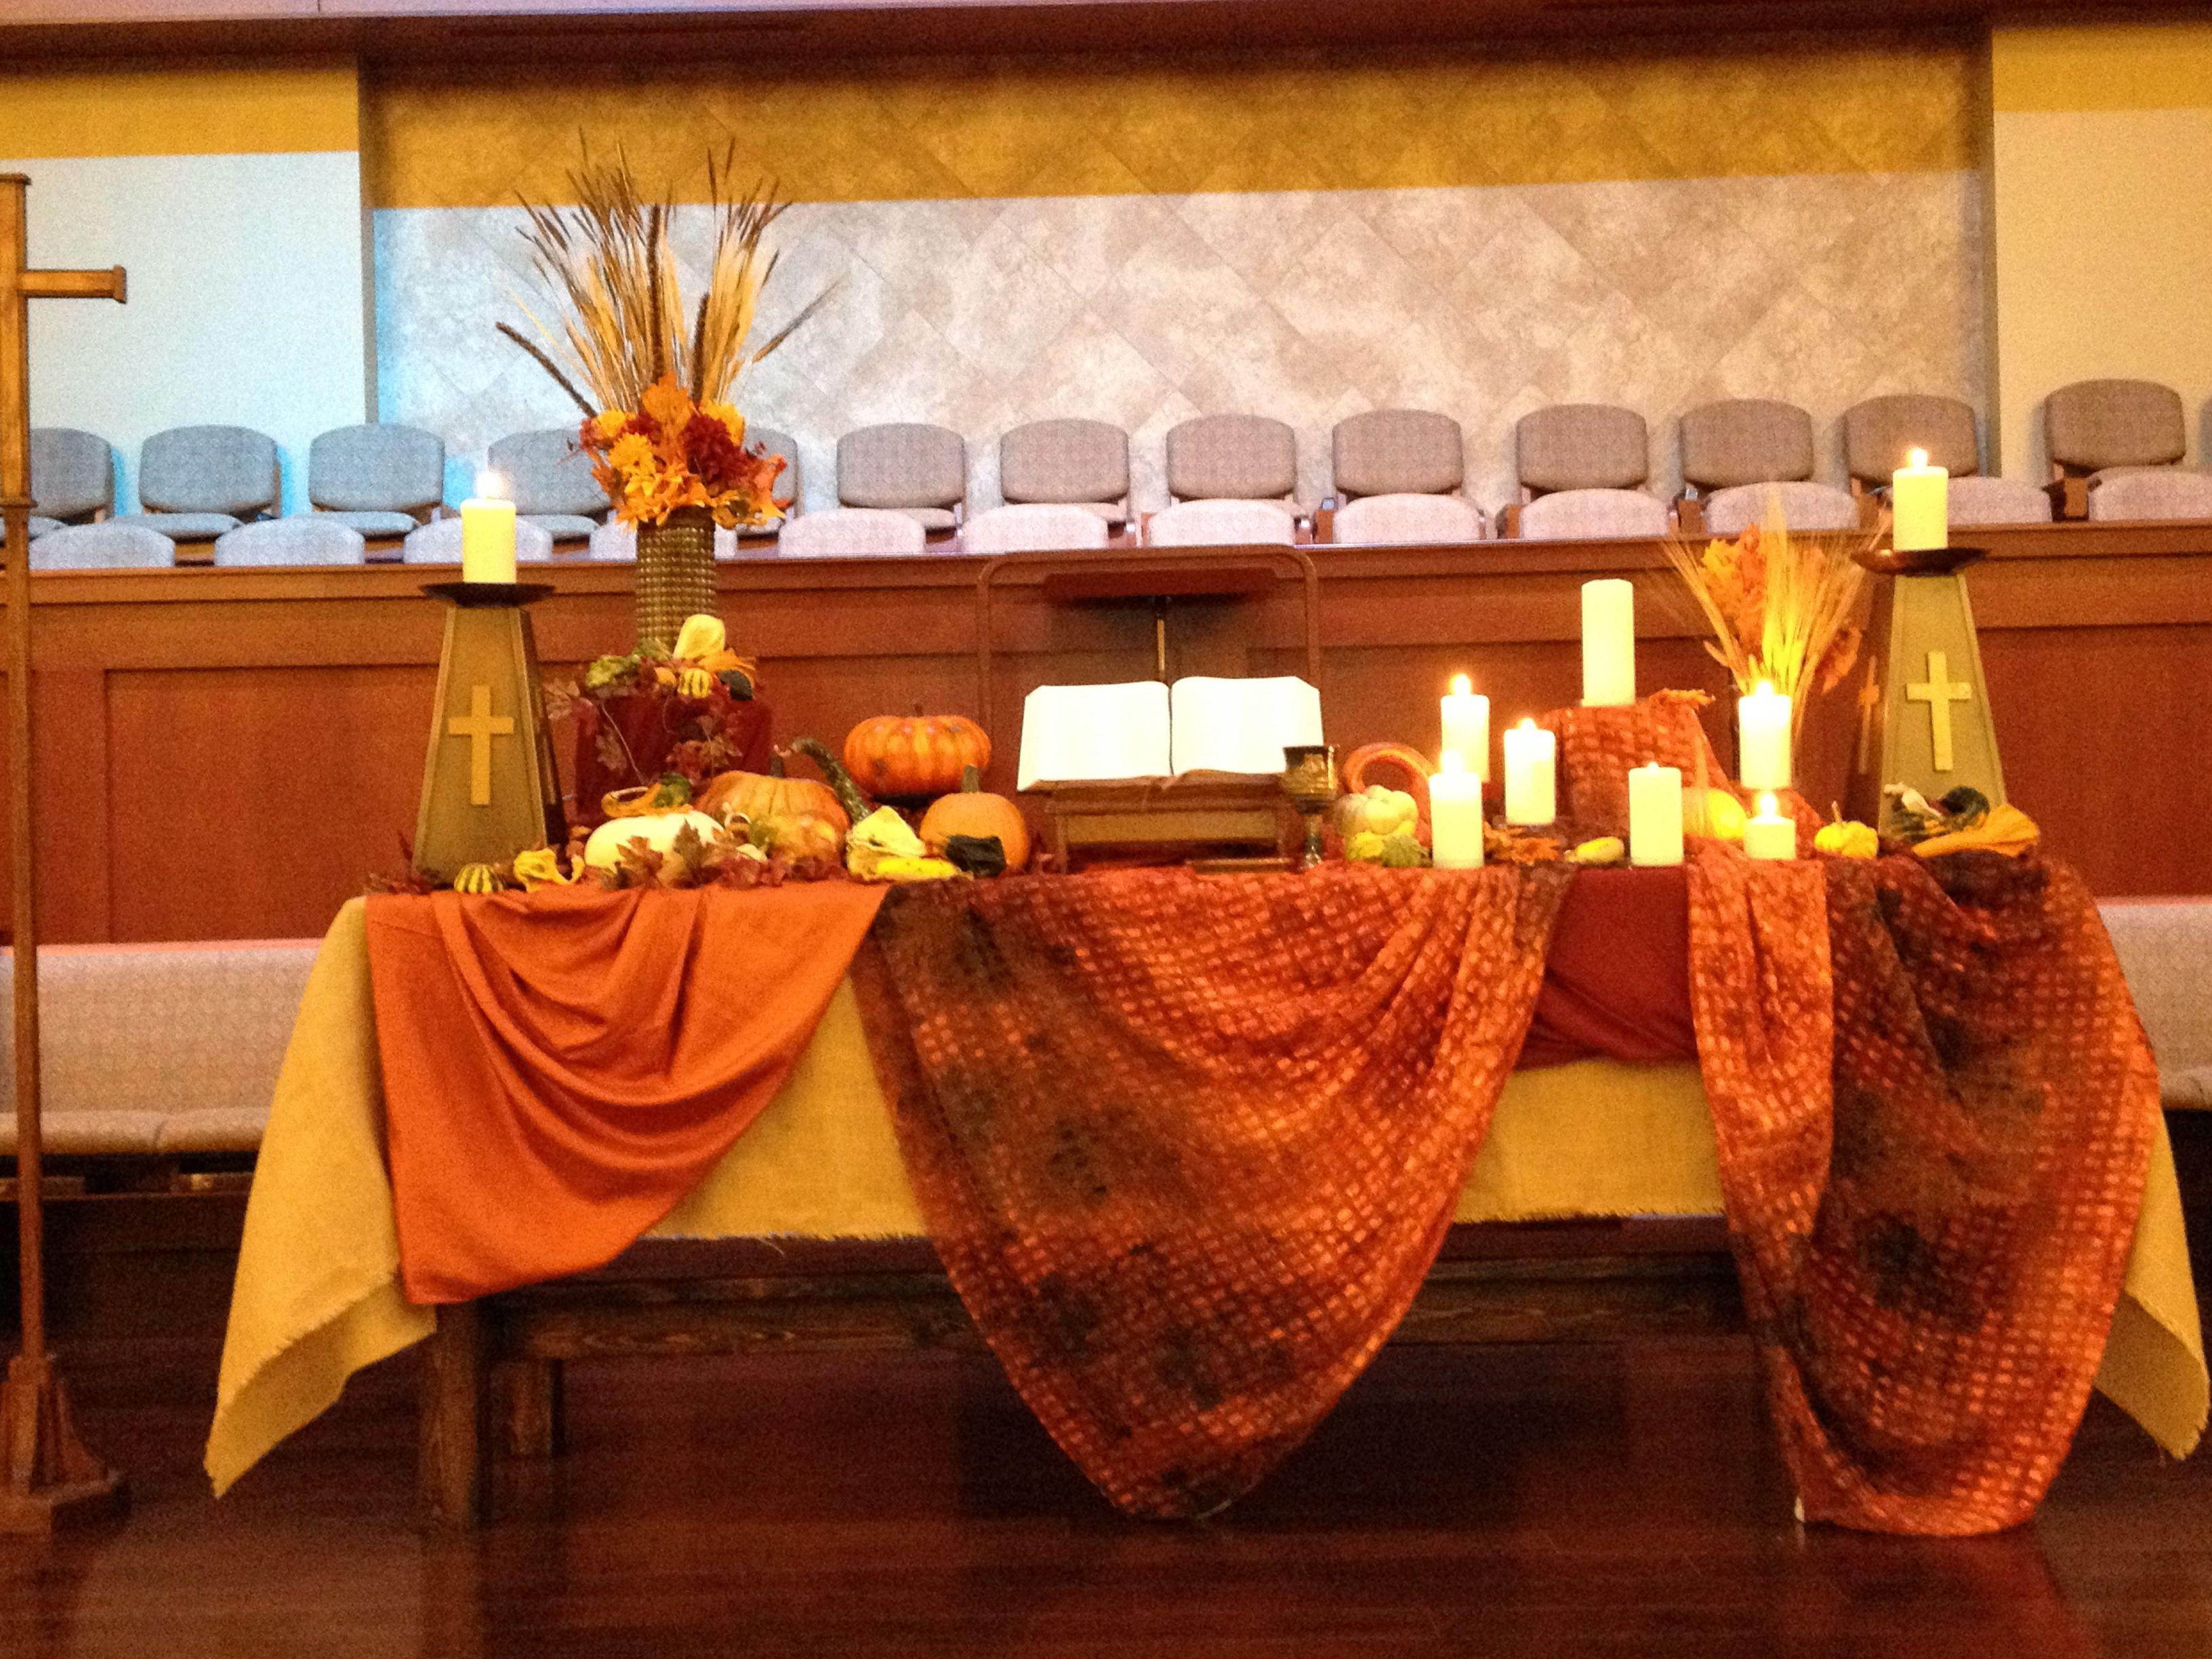 All Saints Day Sanctuary Altar 2014. Grace Avenue UMC, Frisco, TX.